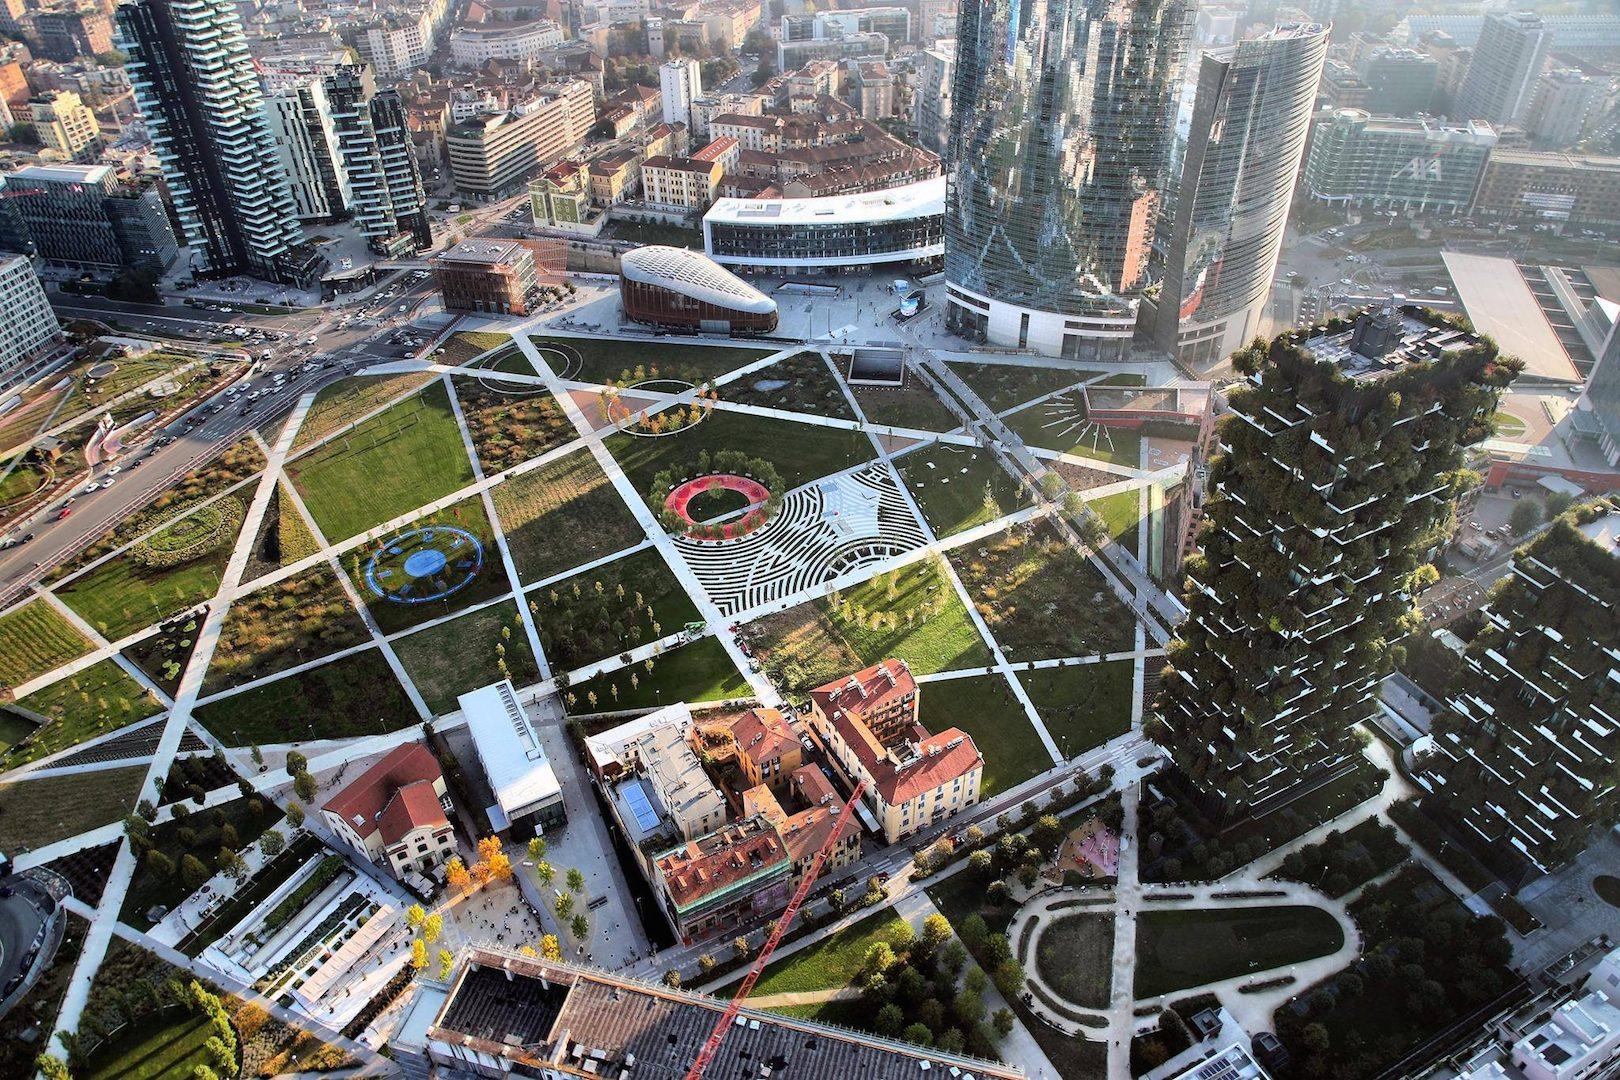 Milano 2030